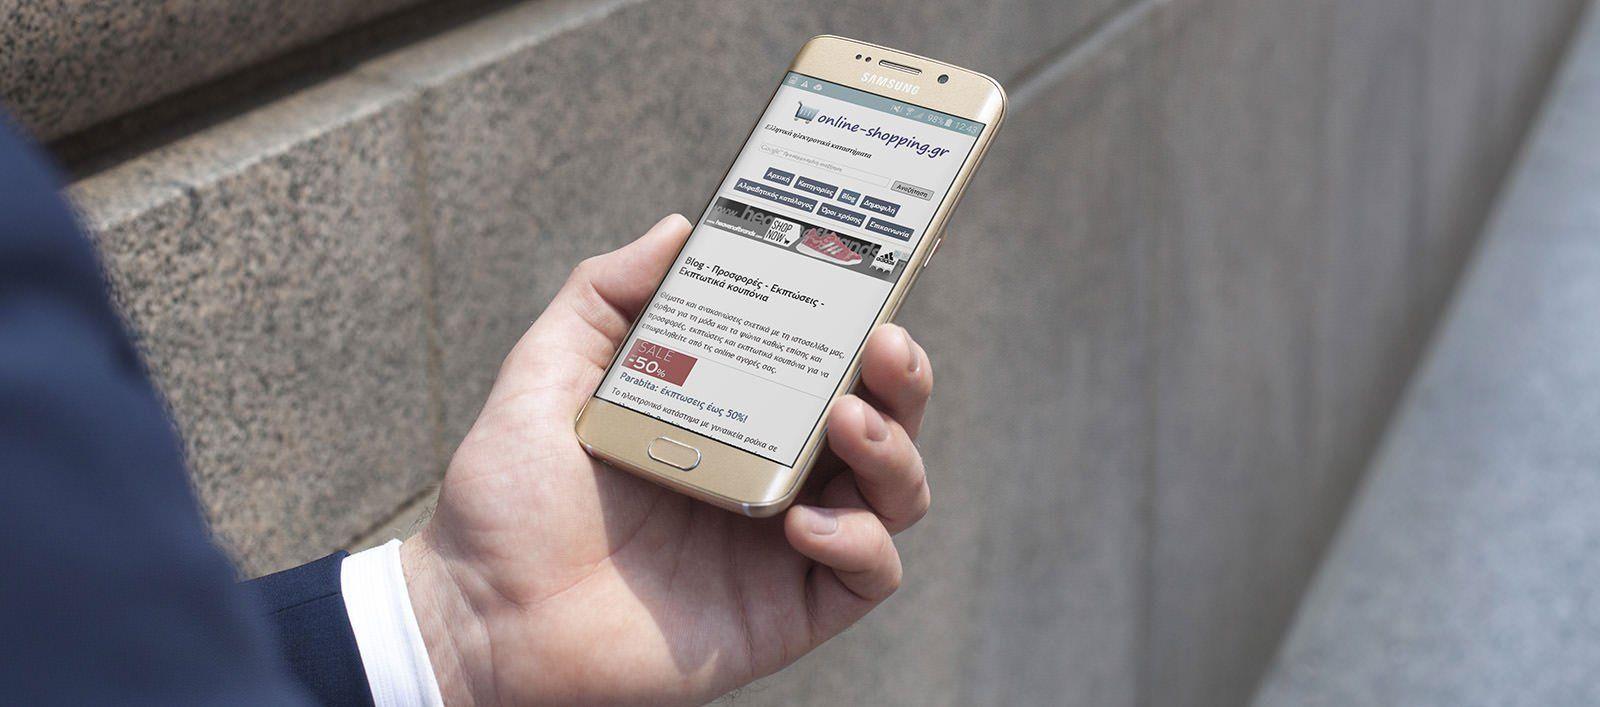 Εκπτωτικά κουπόνια από το online-shopping.gr